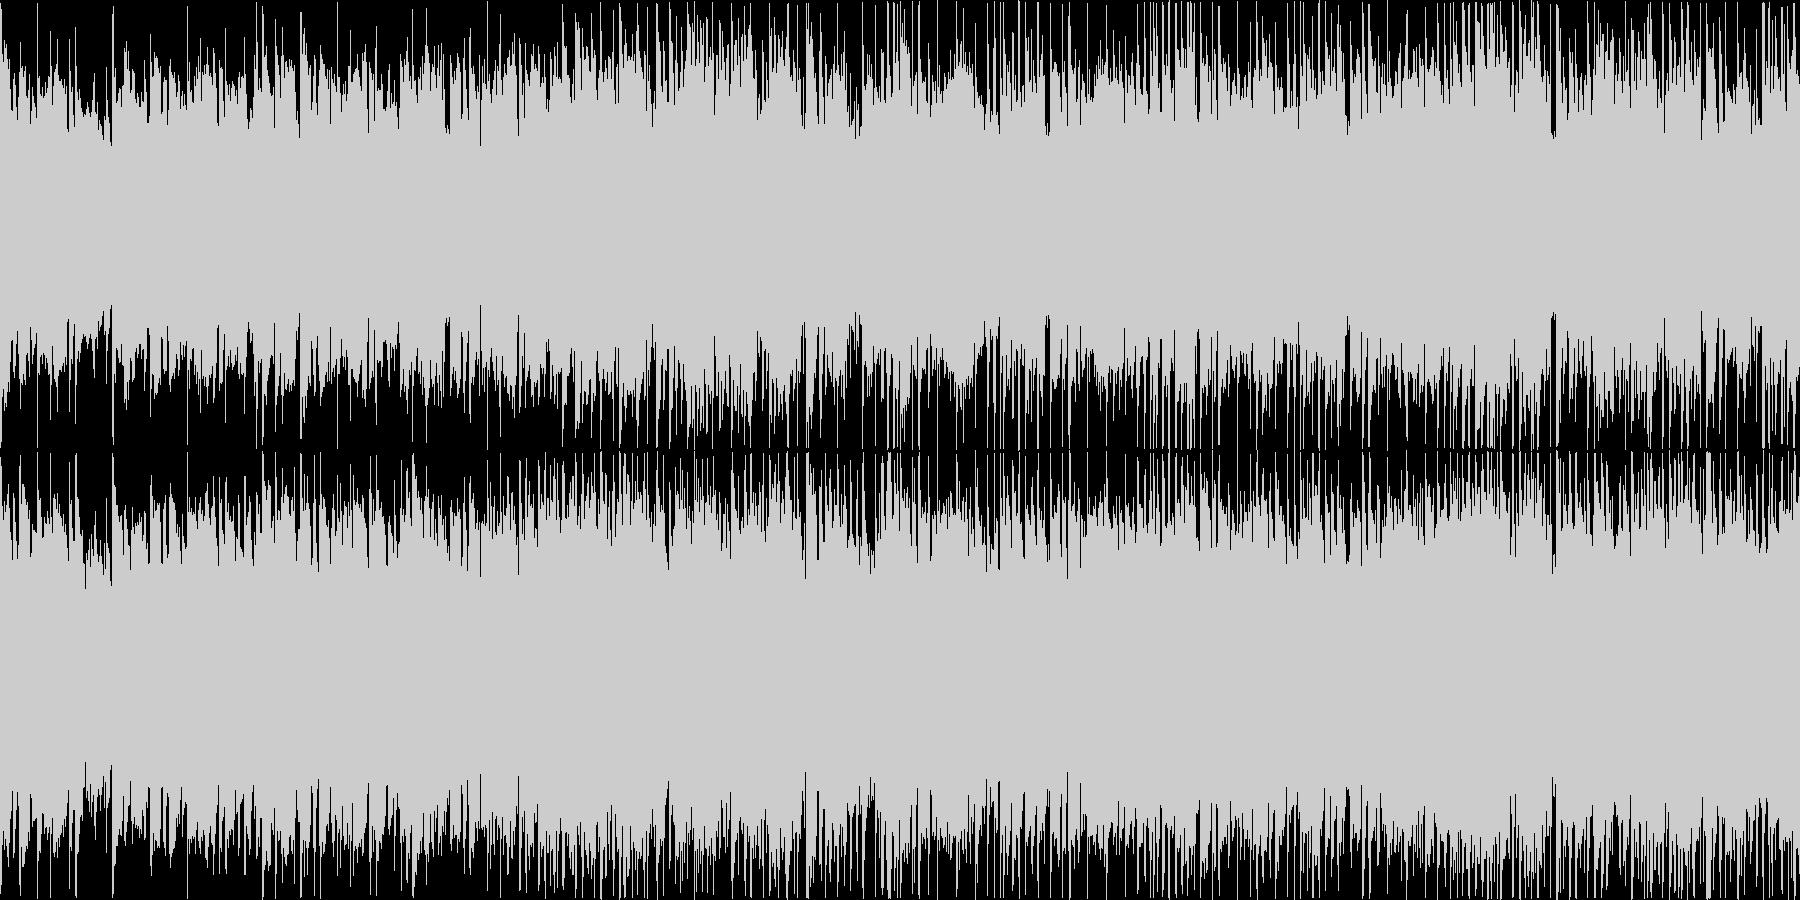 ノスタルジックな民族音楽系BGMの未再生の波形